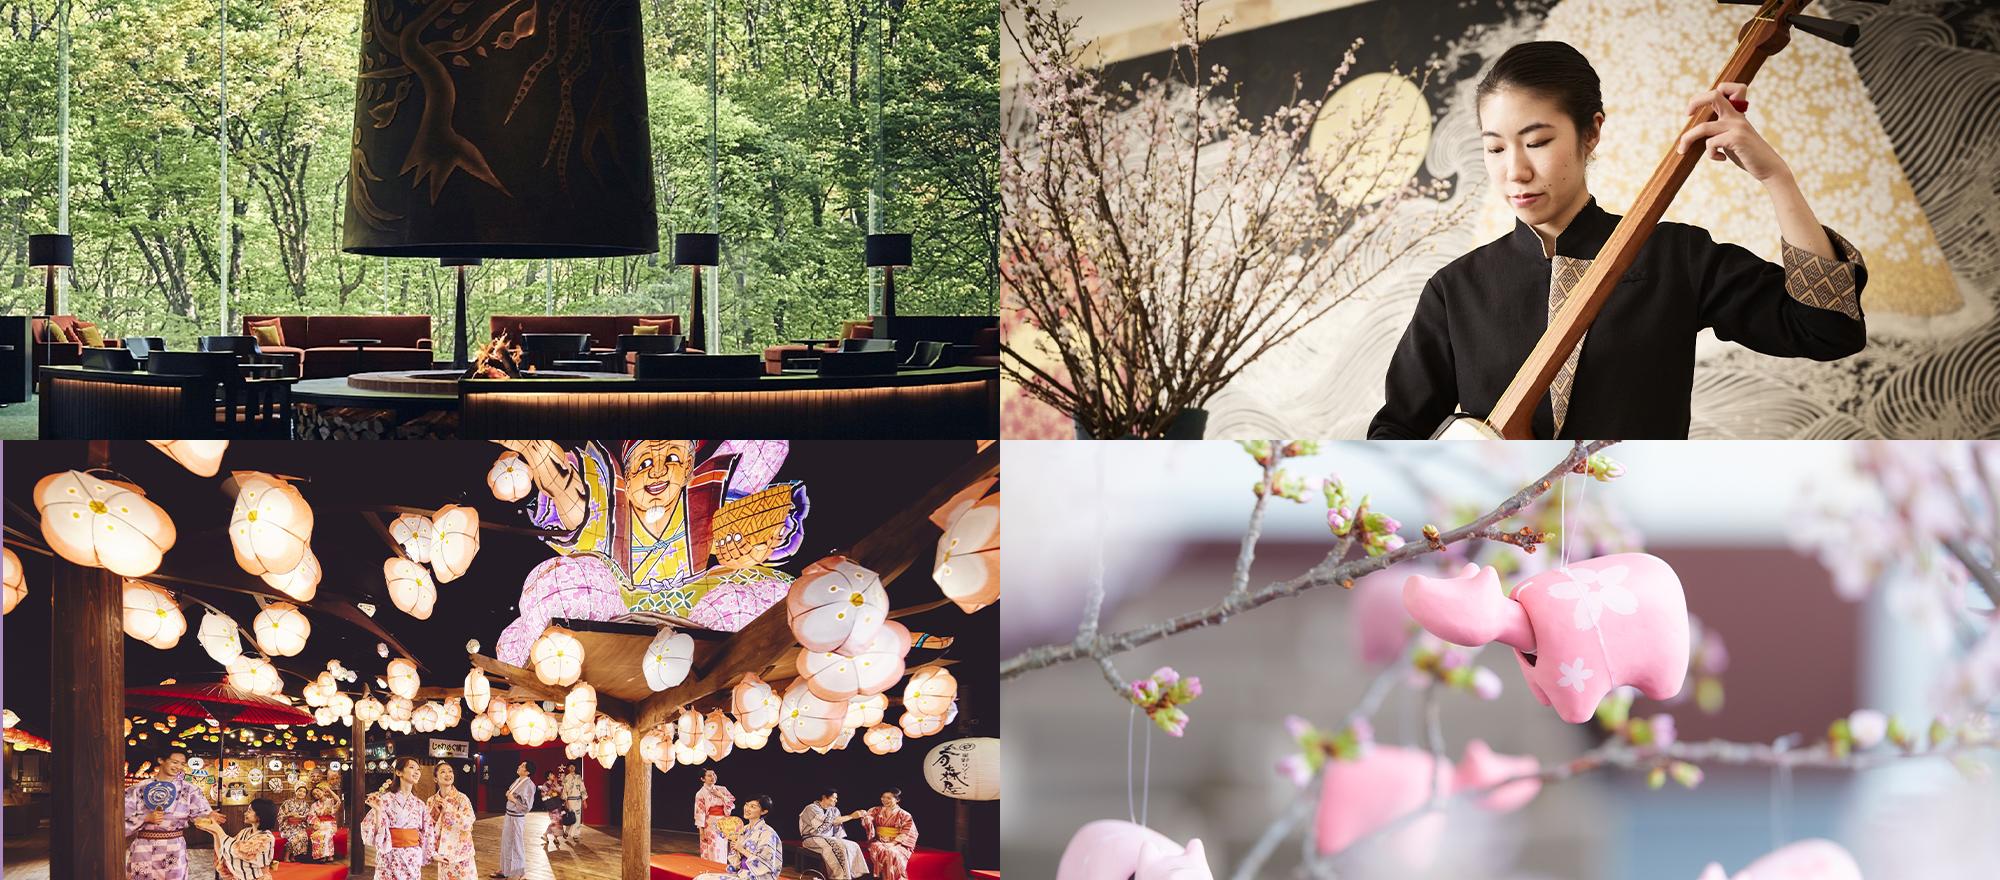 星野リゾート 星野リゾート お酒とお花見 春の東北旅特集2020